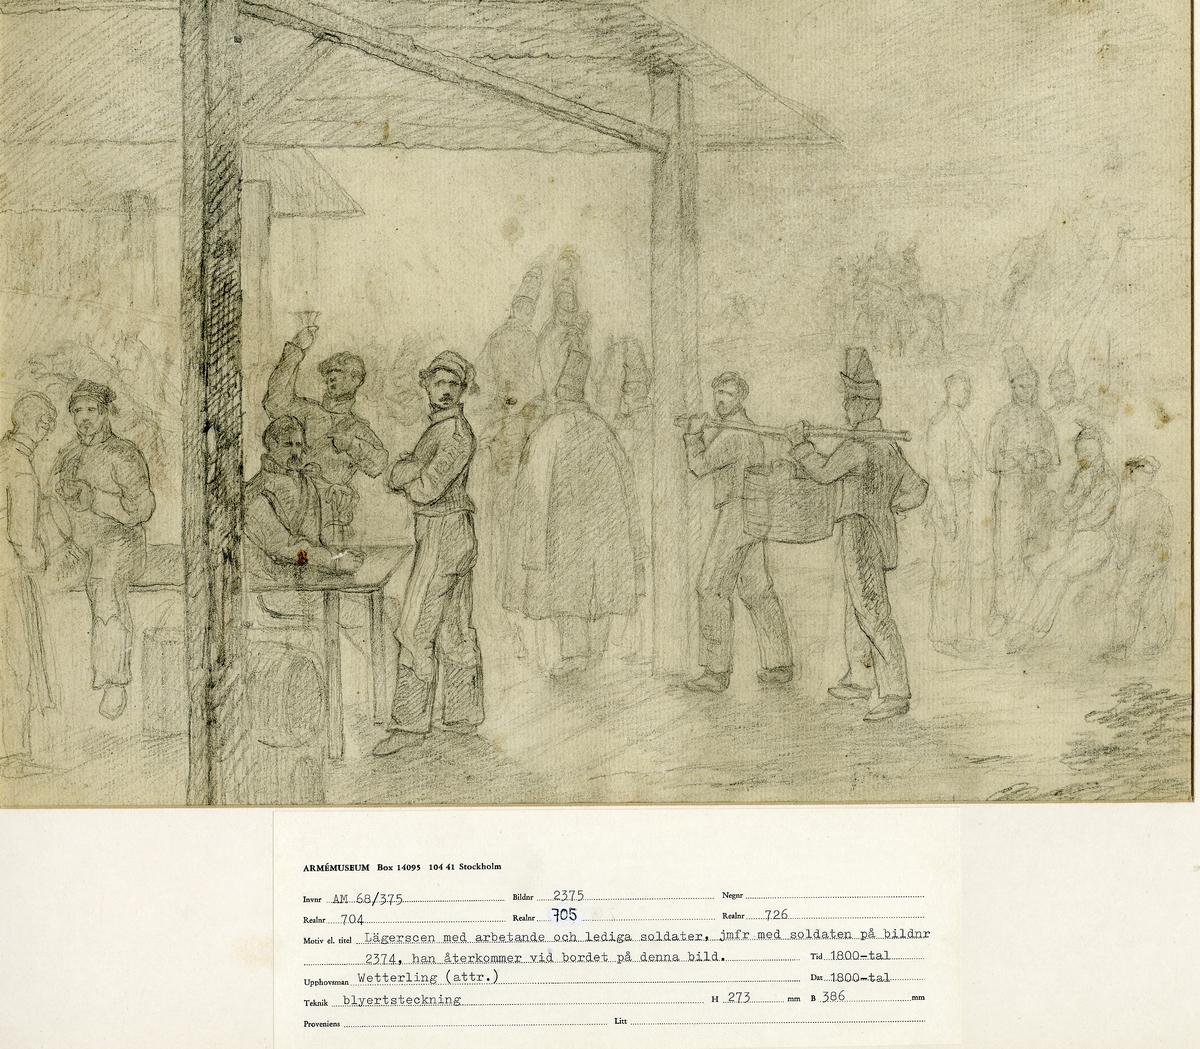 Grupp M I. Teckning föreställande markententeri, lägerscen med arbetande & lediga soldater, attribuerad till konstnären Alexander Clemens Wetterling (1796-1858).